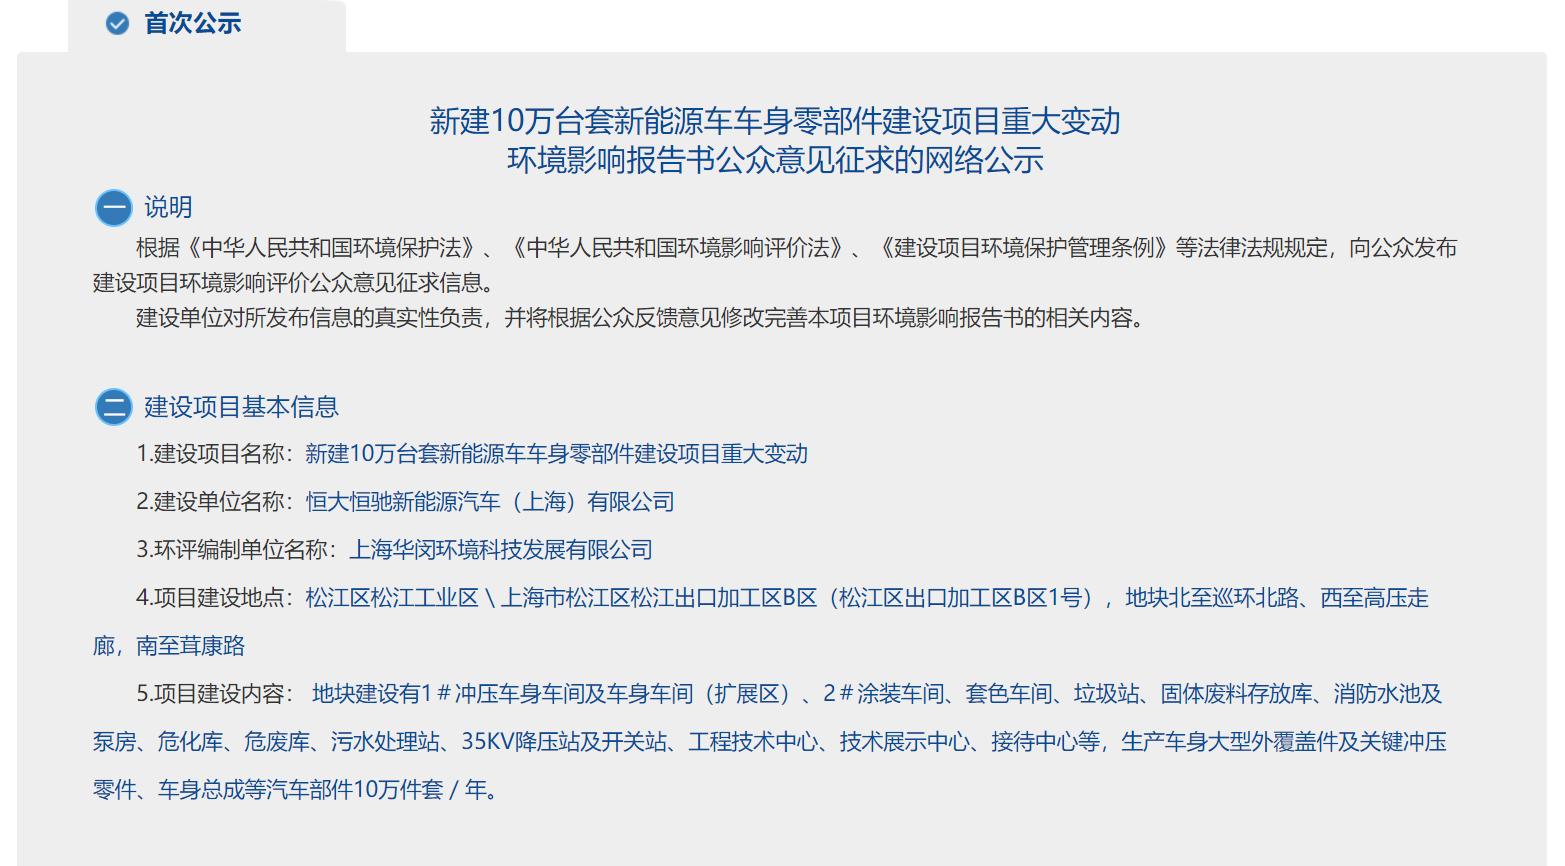 《恒大汽车拟在上海建零部件工厂 年产能10万件套》